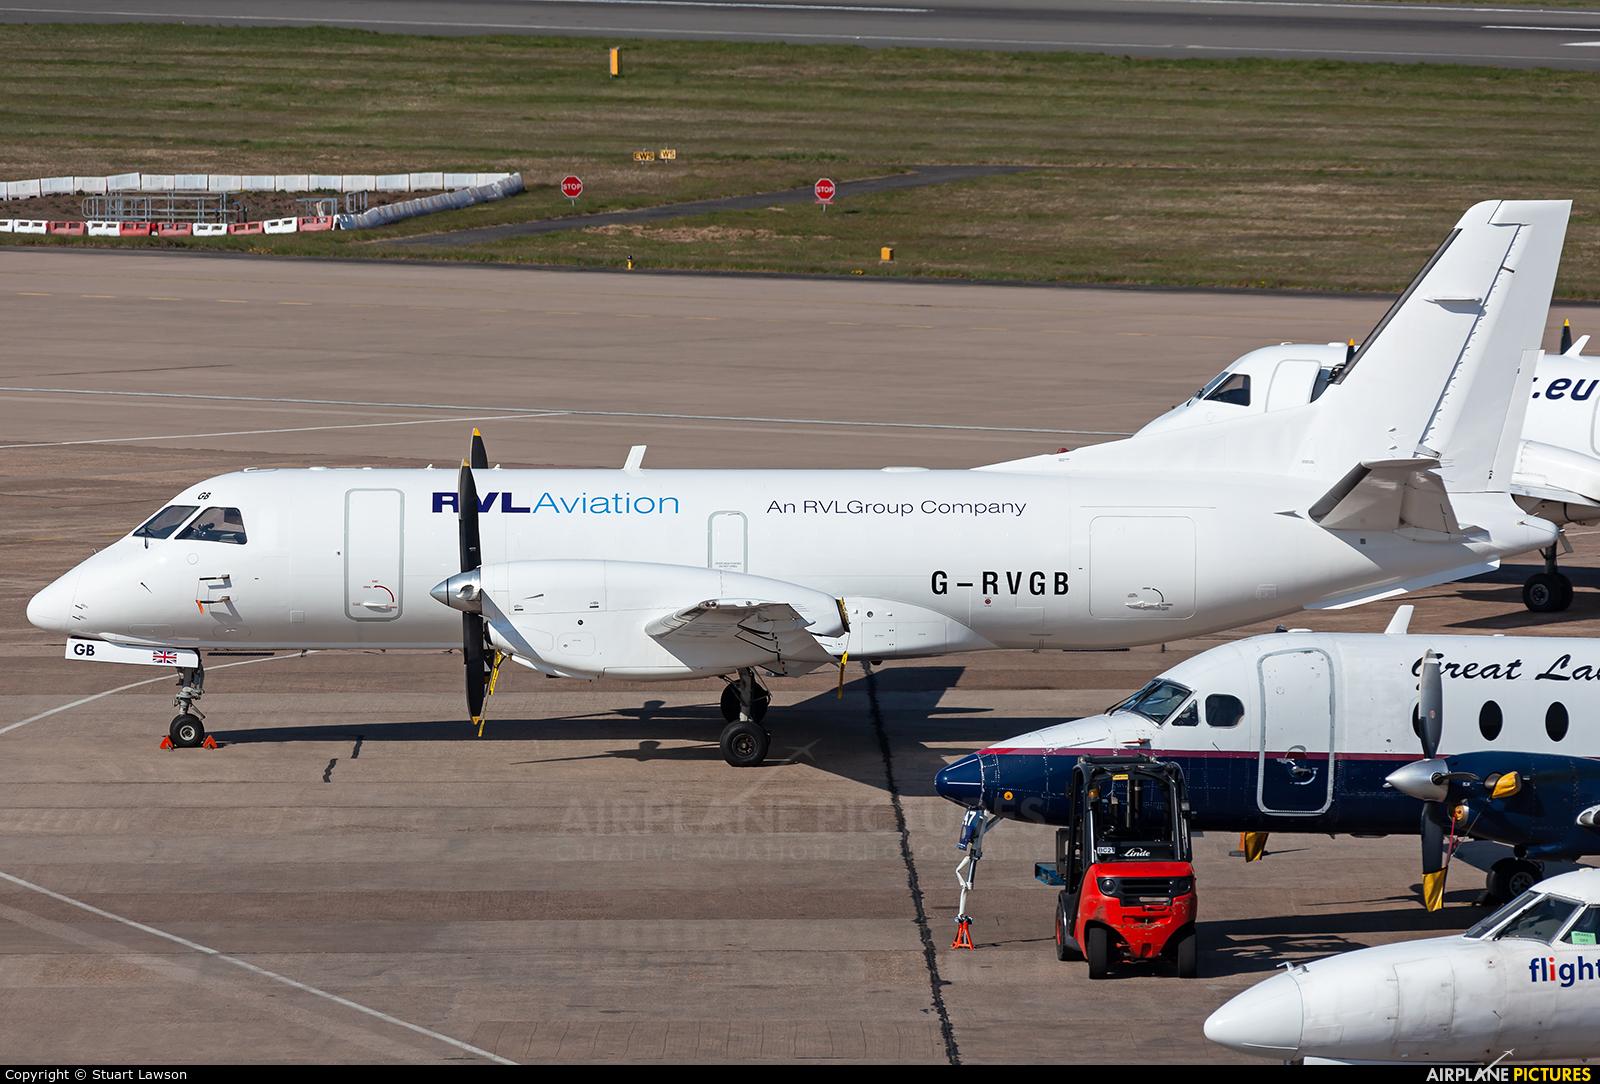 RVL Aviation G-RVGB aircraft at Birmingham